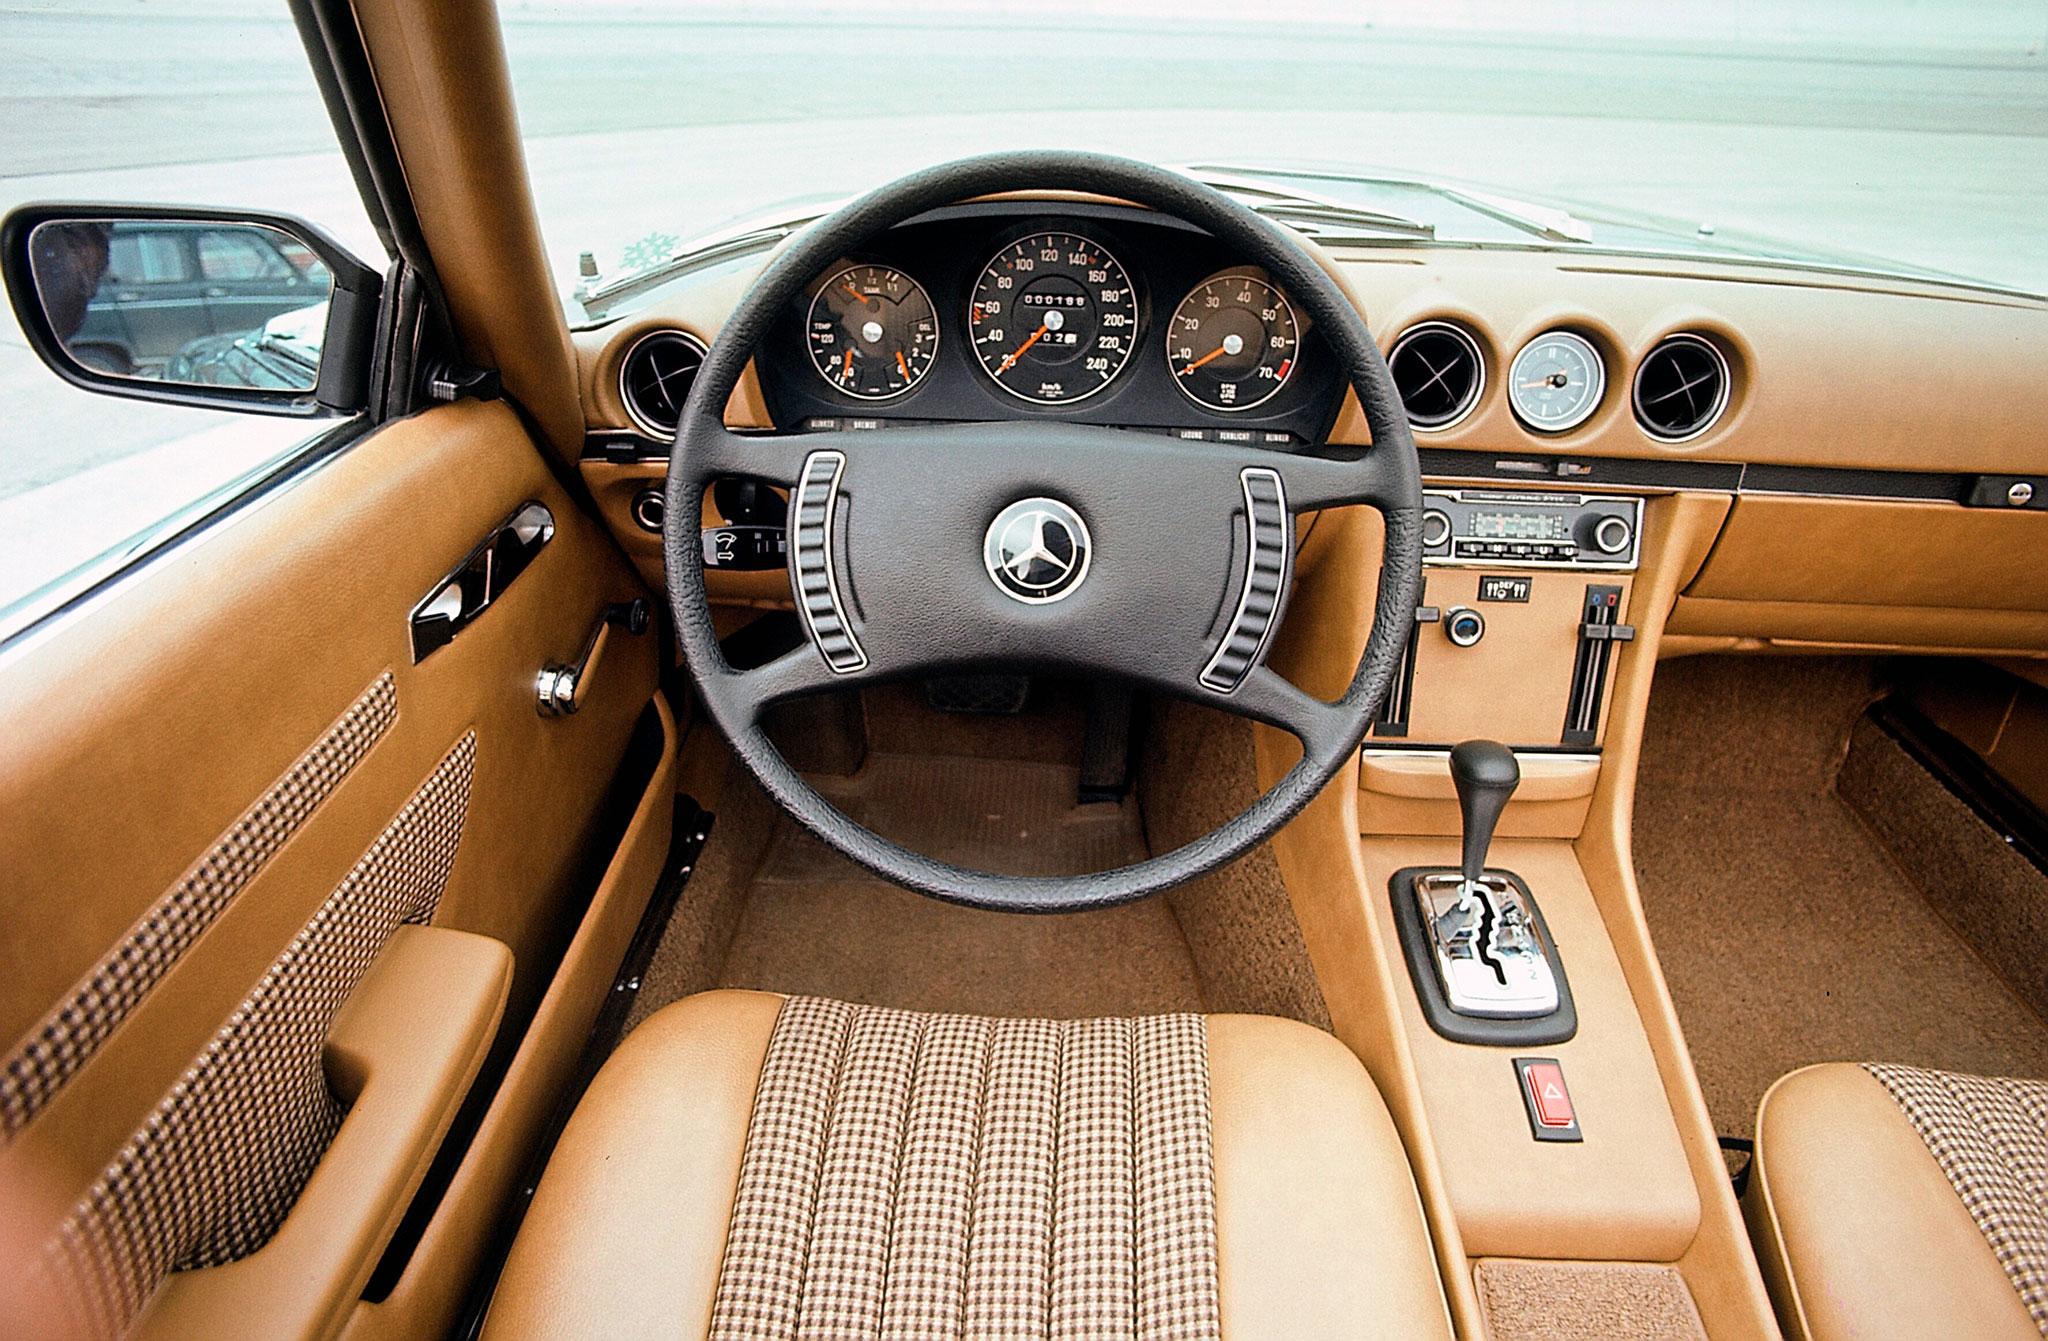 1971-1989 1980 Mercedes-Benz 350 SL R 107 le tableau de bord évoluera avec les années pour correspondre à celui de la berline W 126.